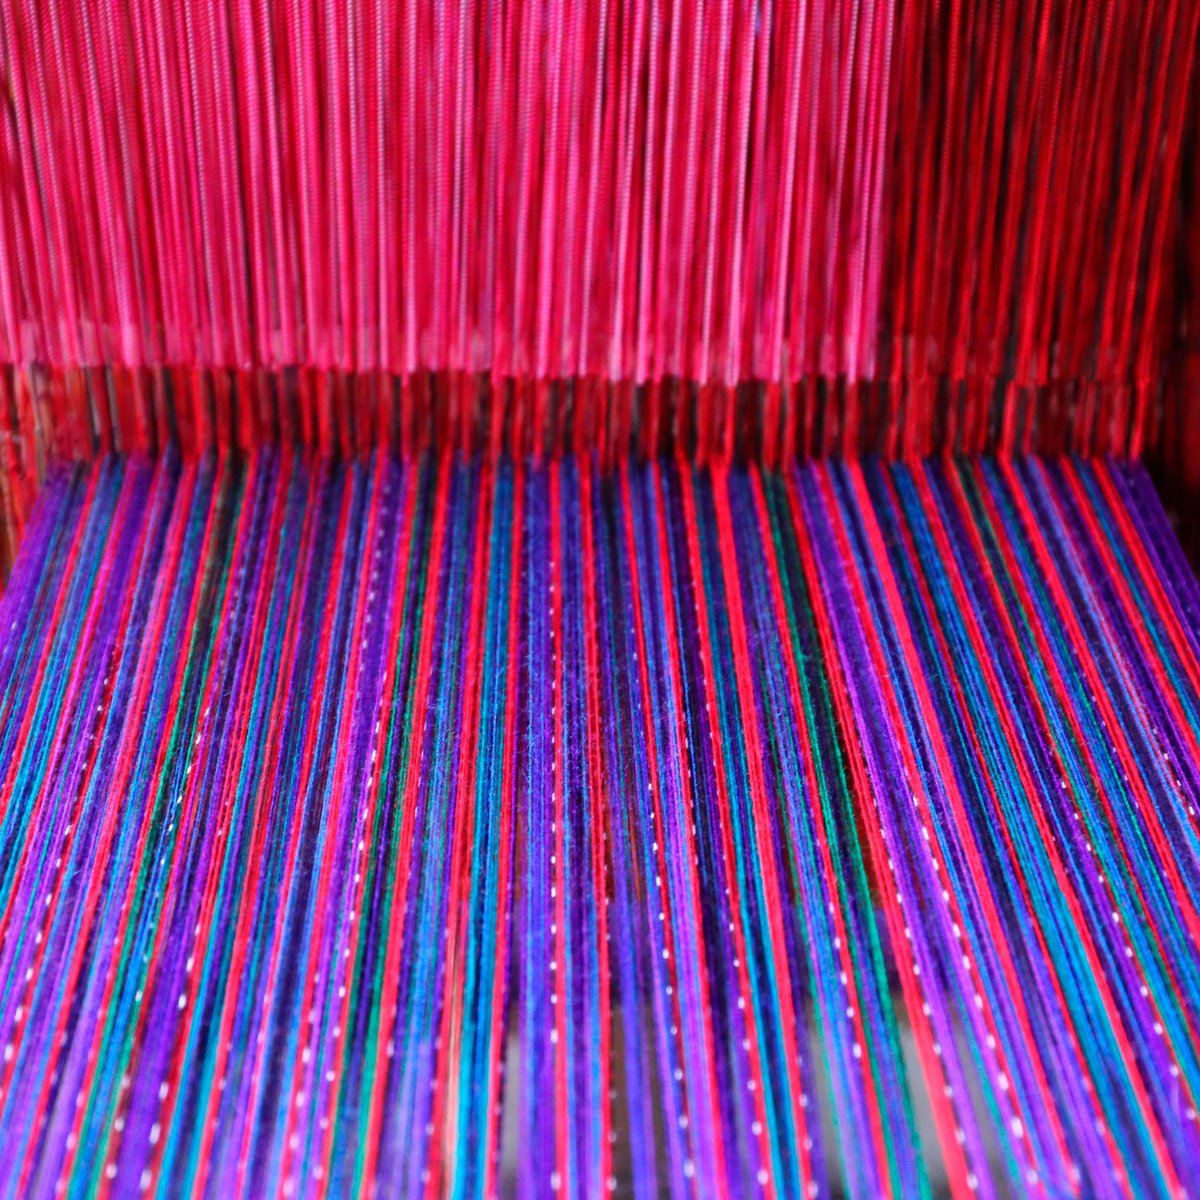 En nuestras tiendas encontrarás la colorida cultura centroamericana... bellas telas guatemaltecas hechas con manos incansables de los indígenas de ese país.   #Cortitelas #LoMejorenTelas #FashionHonduras #ImaginaTodoloquePuedesCrear #Crealo #Diseñalo #Imagínalo